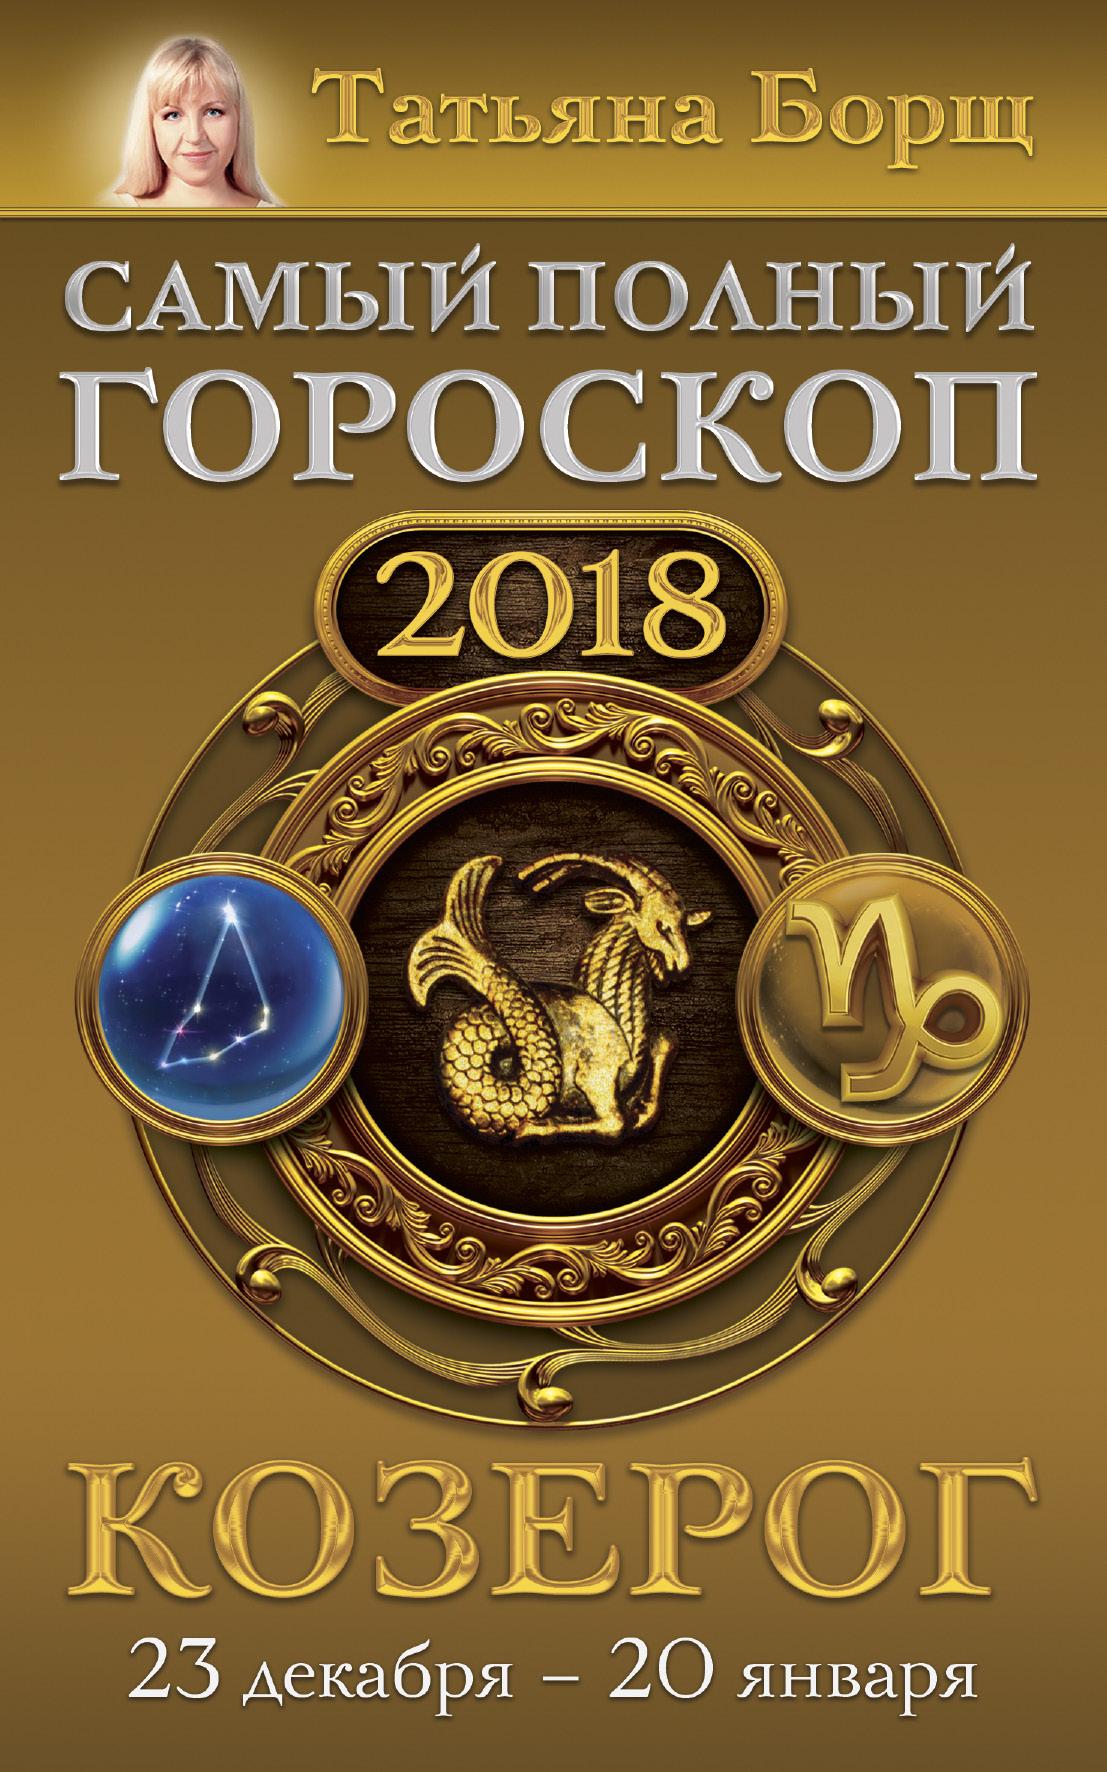 Козерог. Самый полный гороскоп на 2018 год. 23 декабря - 20 января ( Борщ Татьяна  )